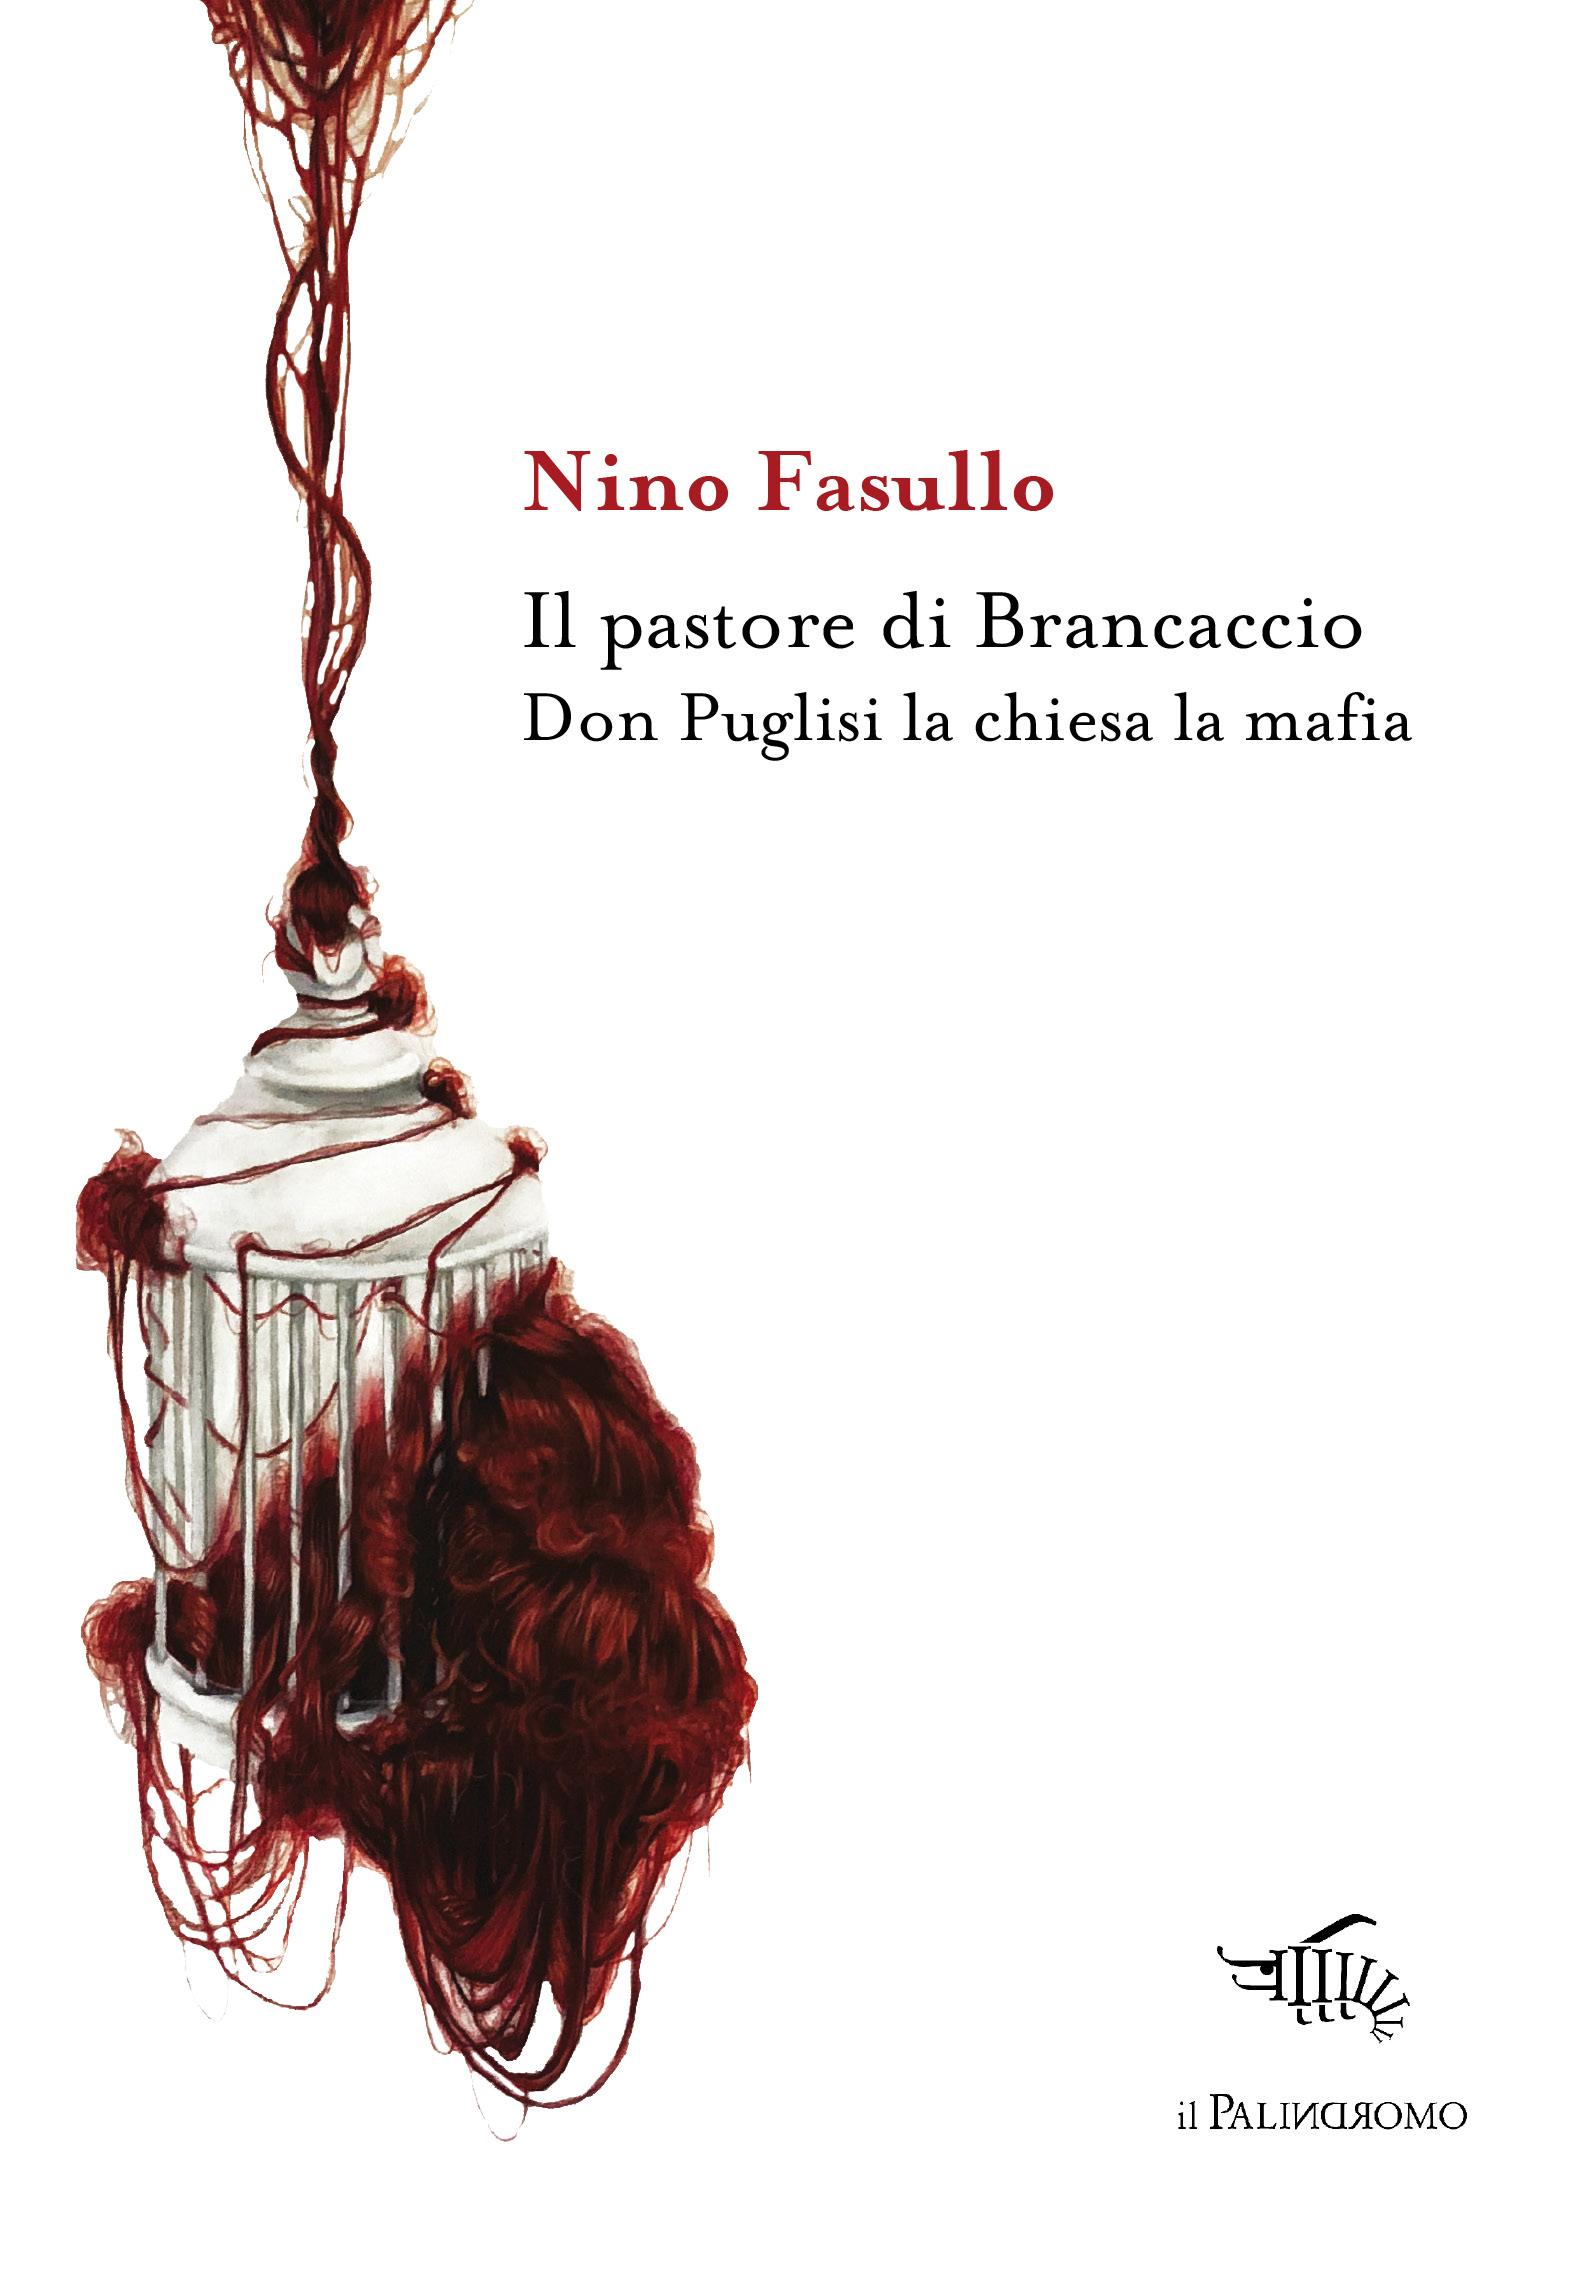 Autore: Nino Fasullo